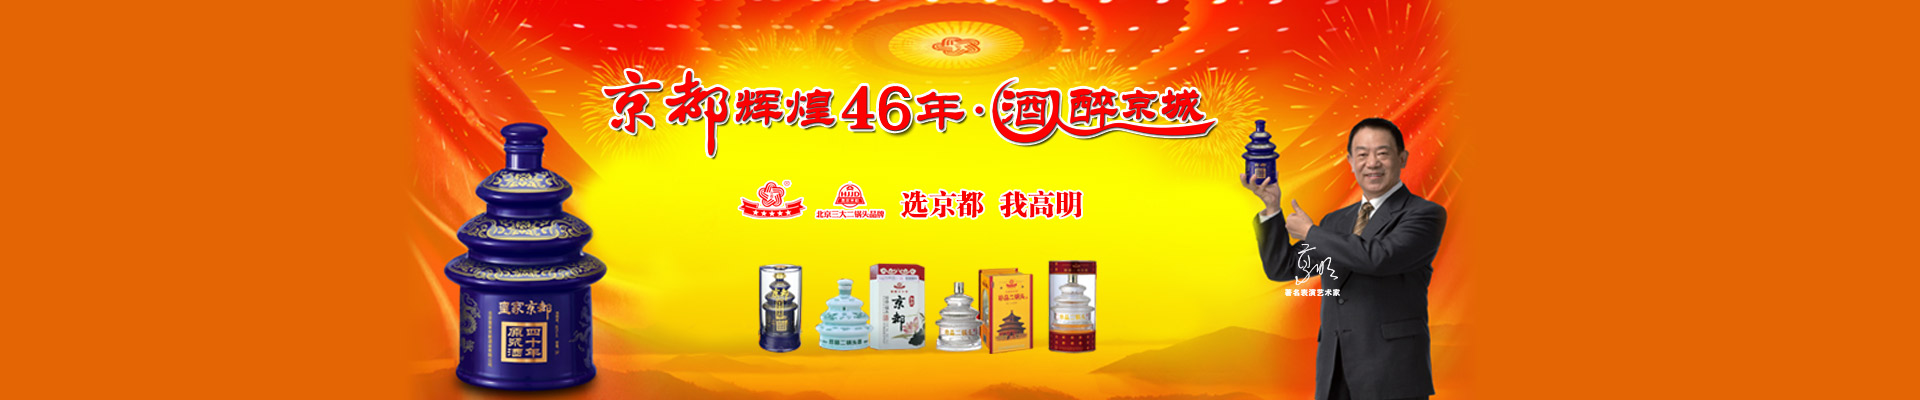 北京皇家京都酒业有限公司